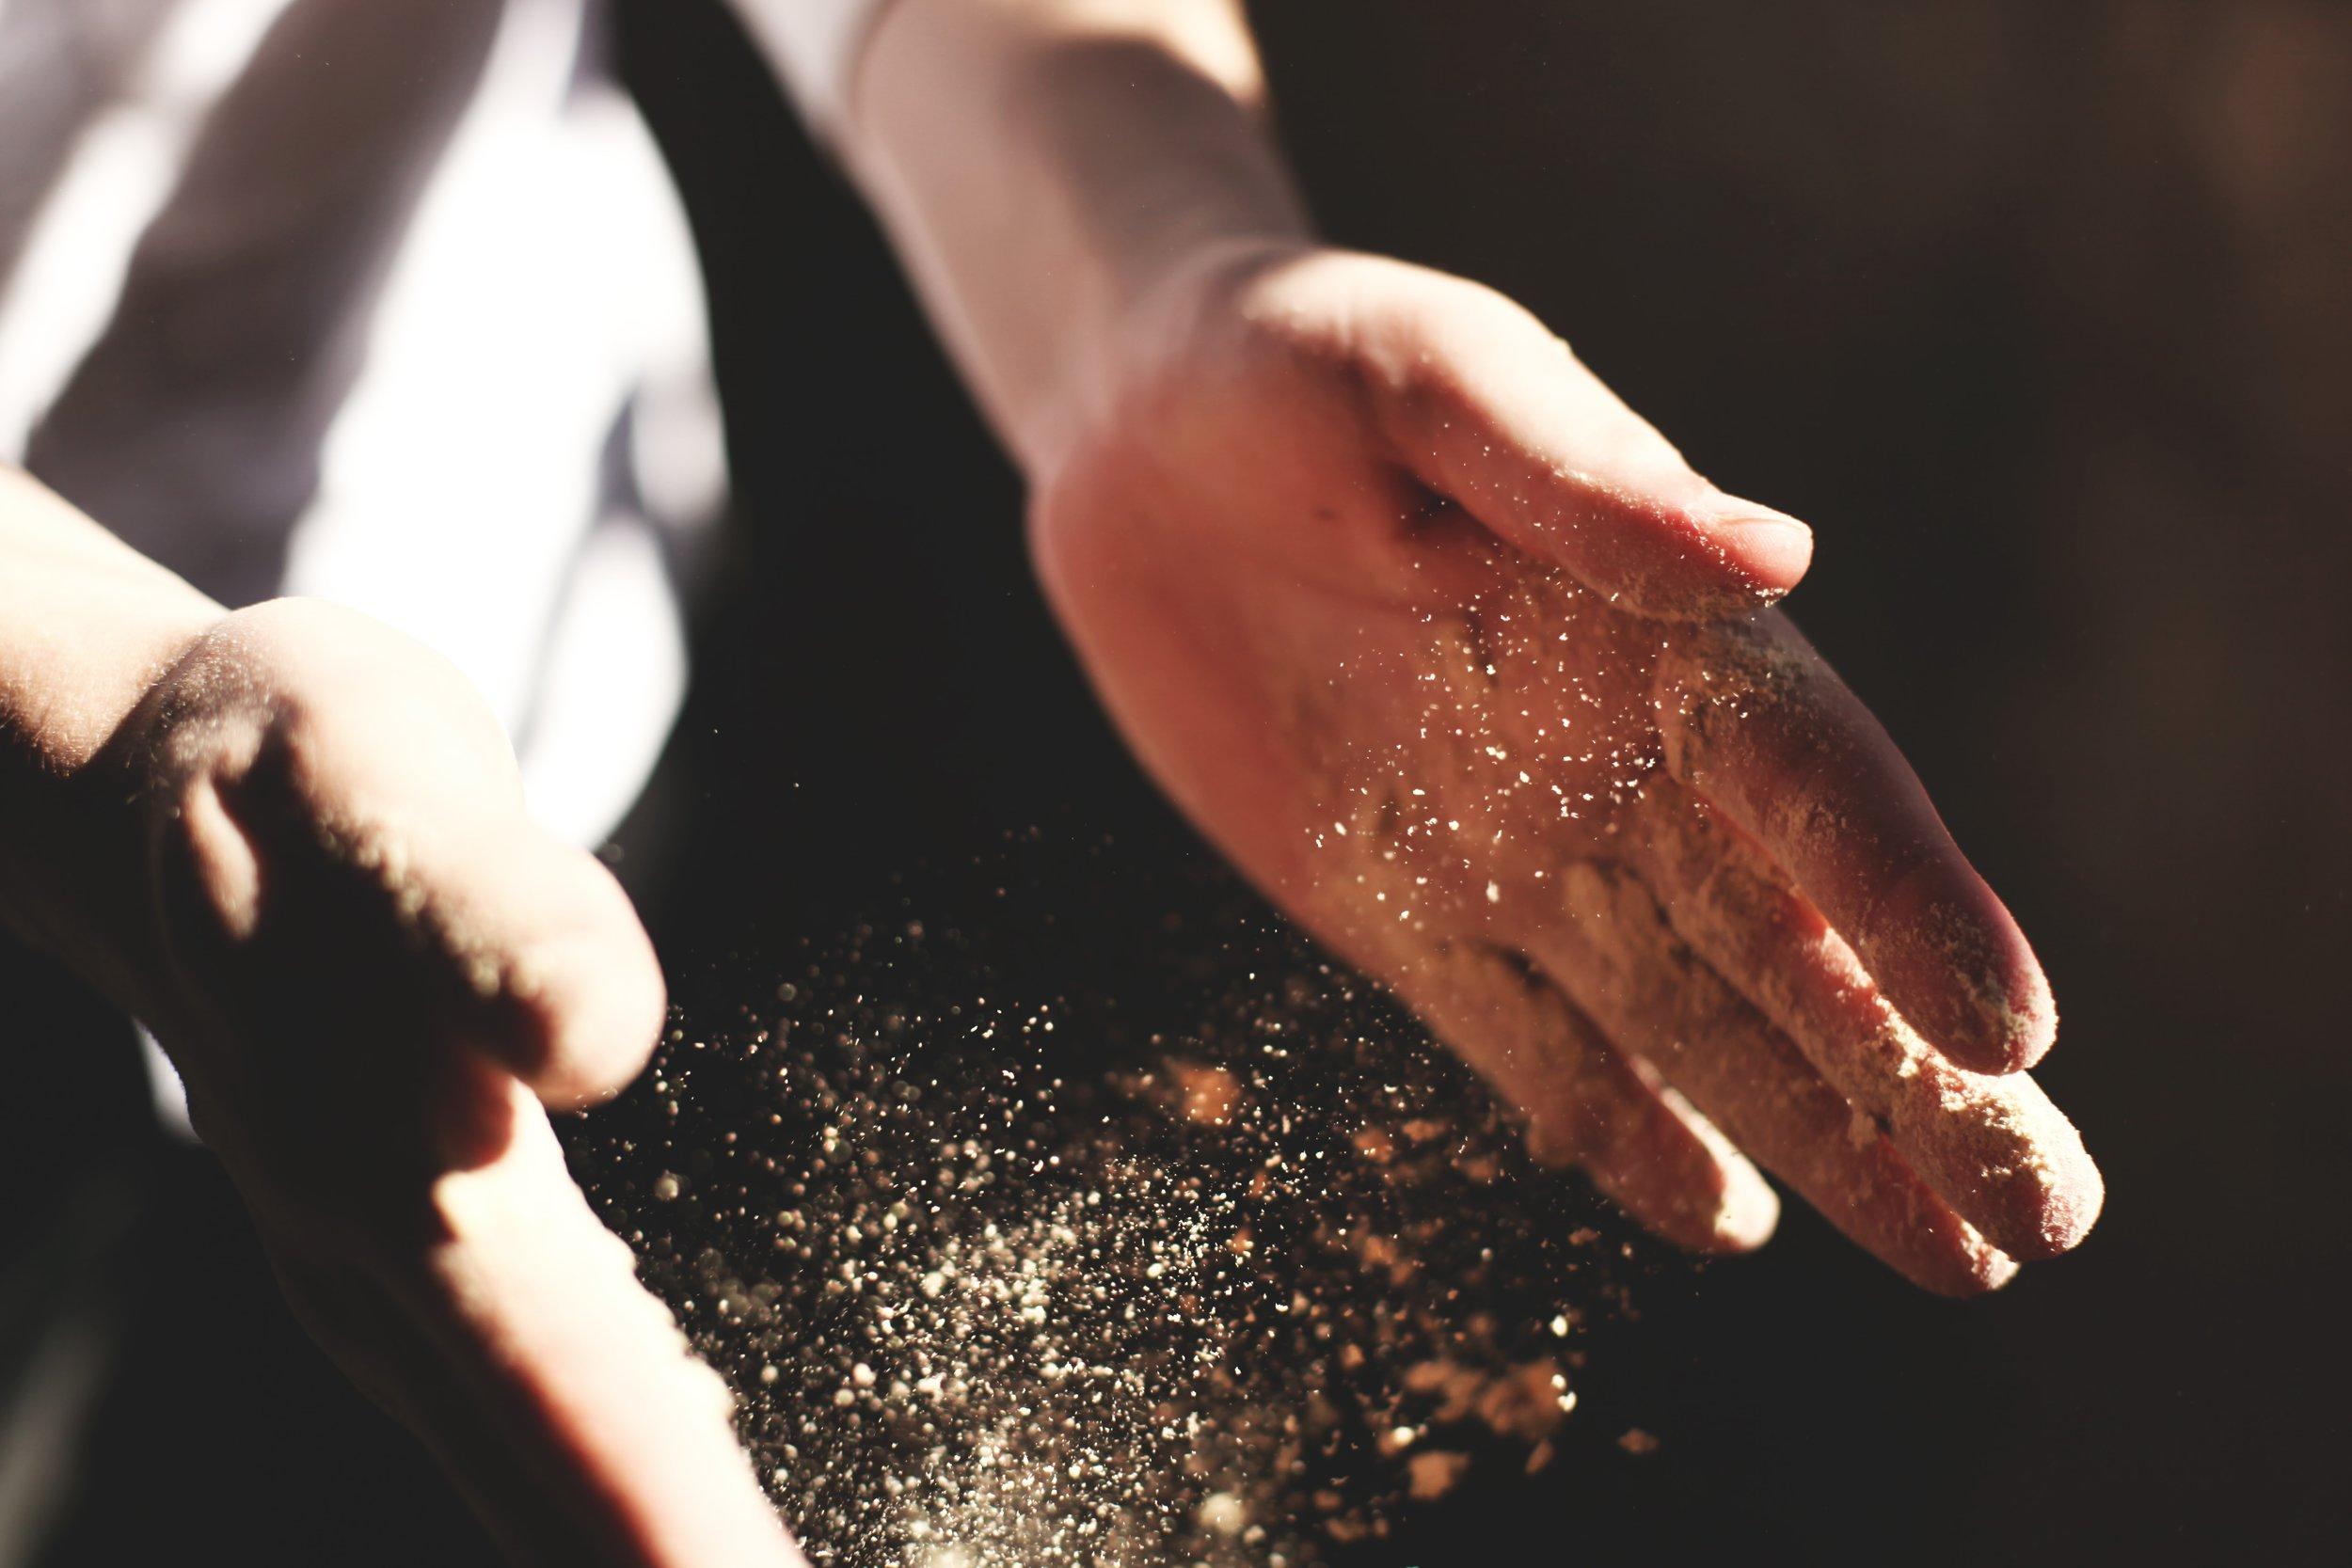 dust-off-your-feet-kingdom-of-god-luke-10-los-angeles-church-jpeg.jpg